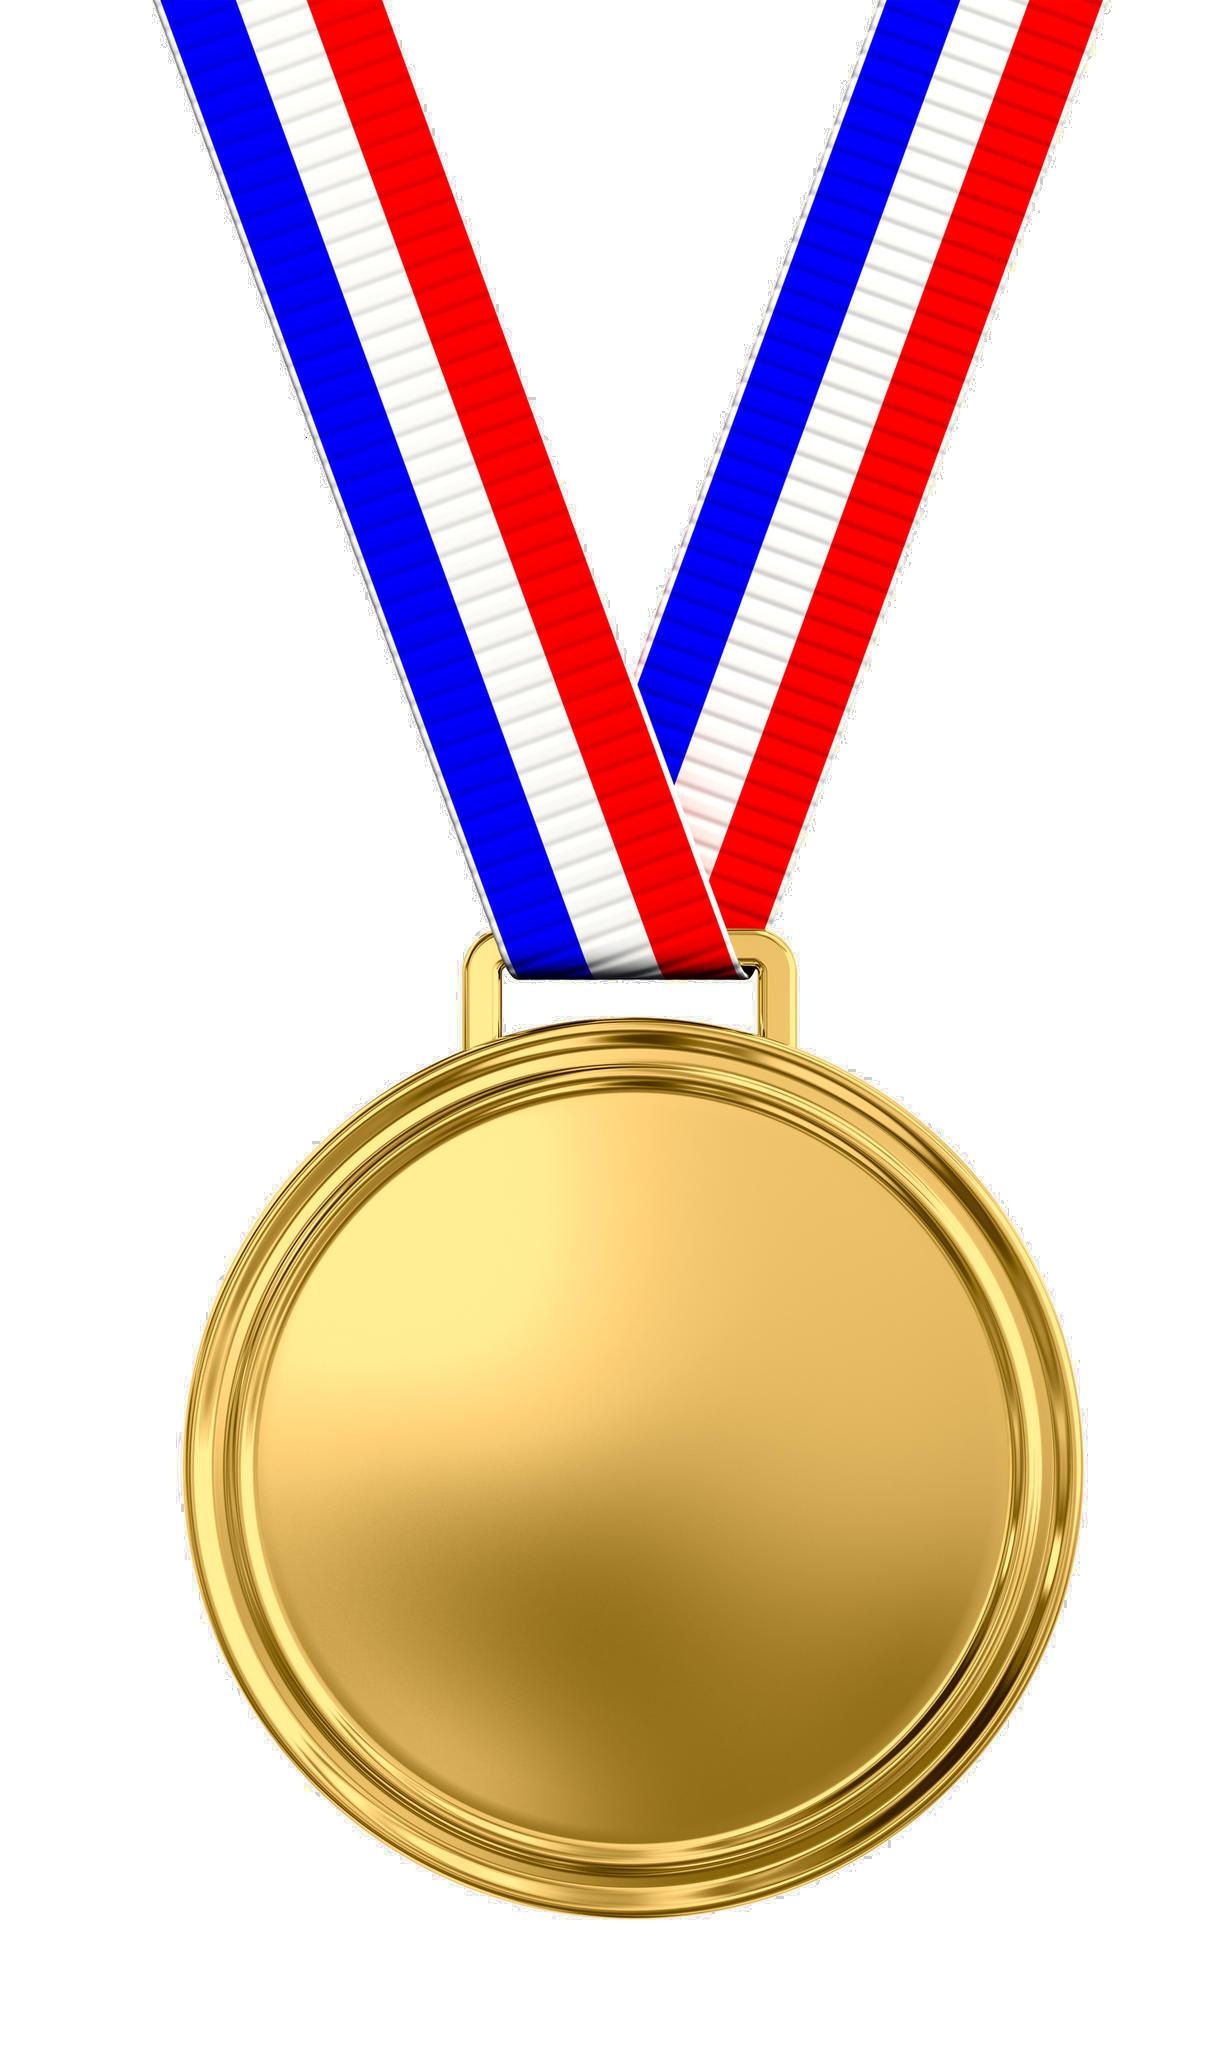 Gold Medal Transparent Background SVG Clip arts